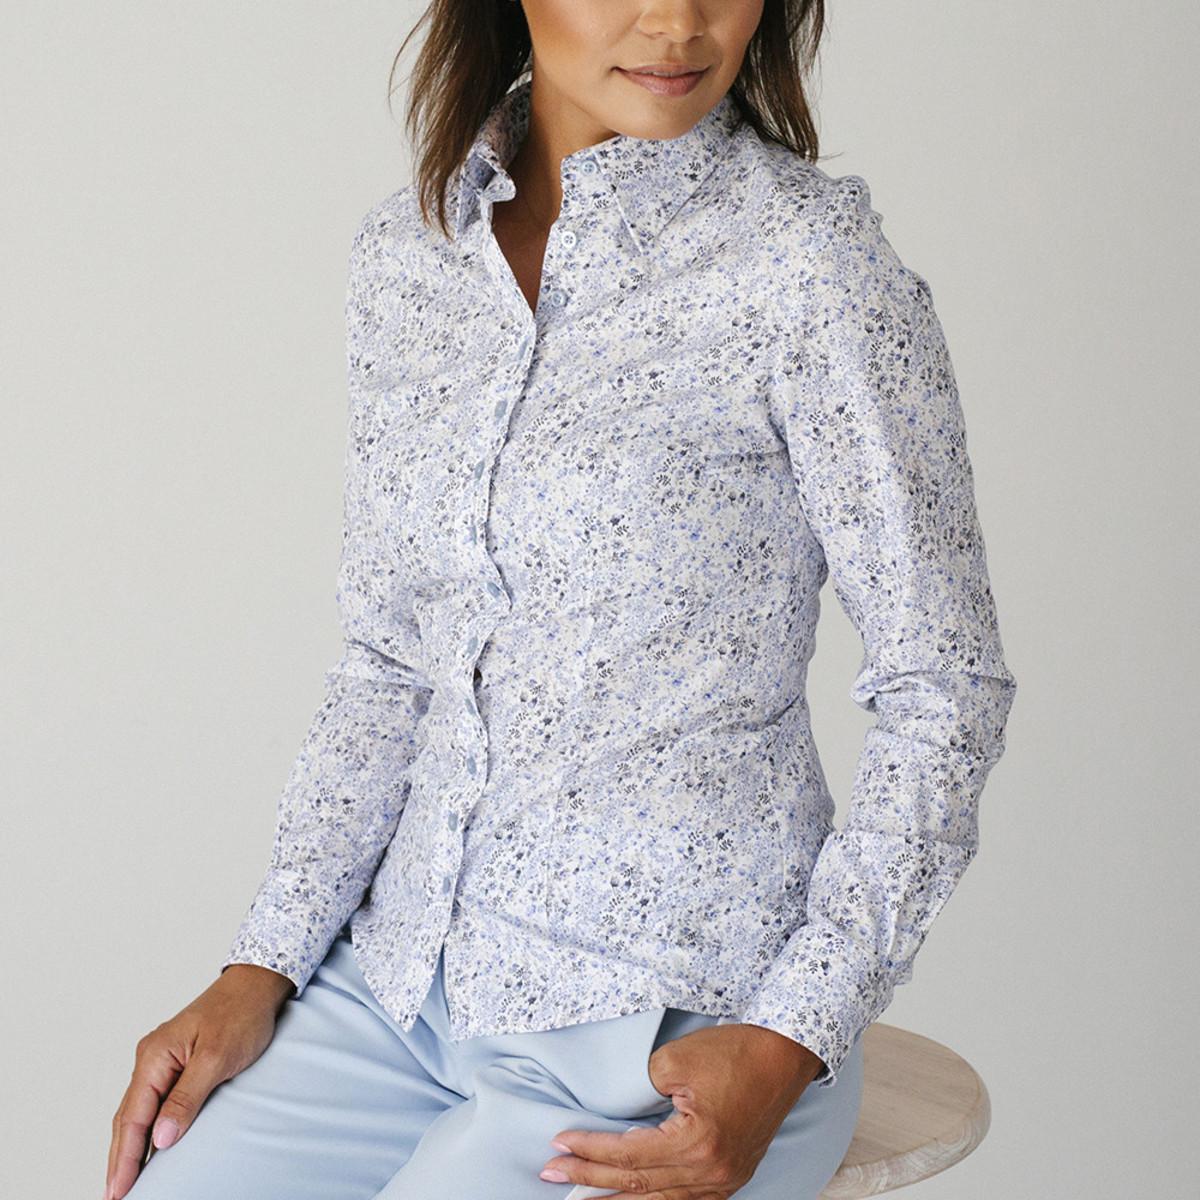 Dámská bavlněná košile s květinovým vzorem 9574 34